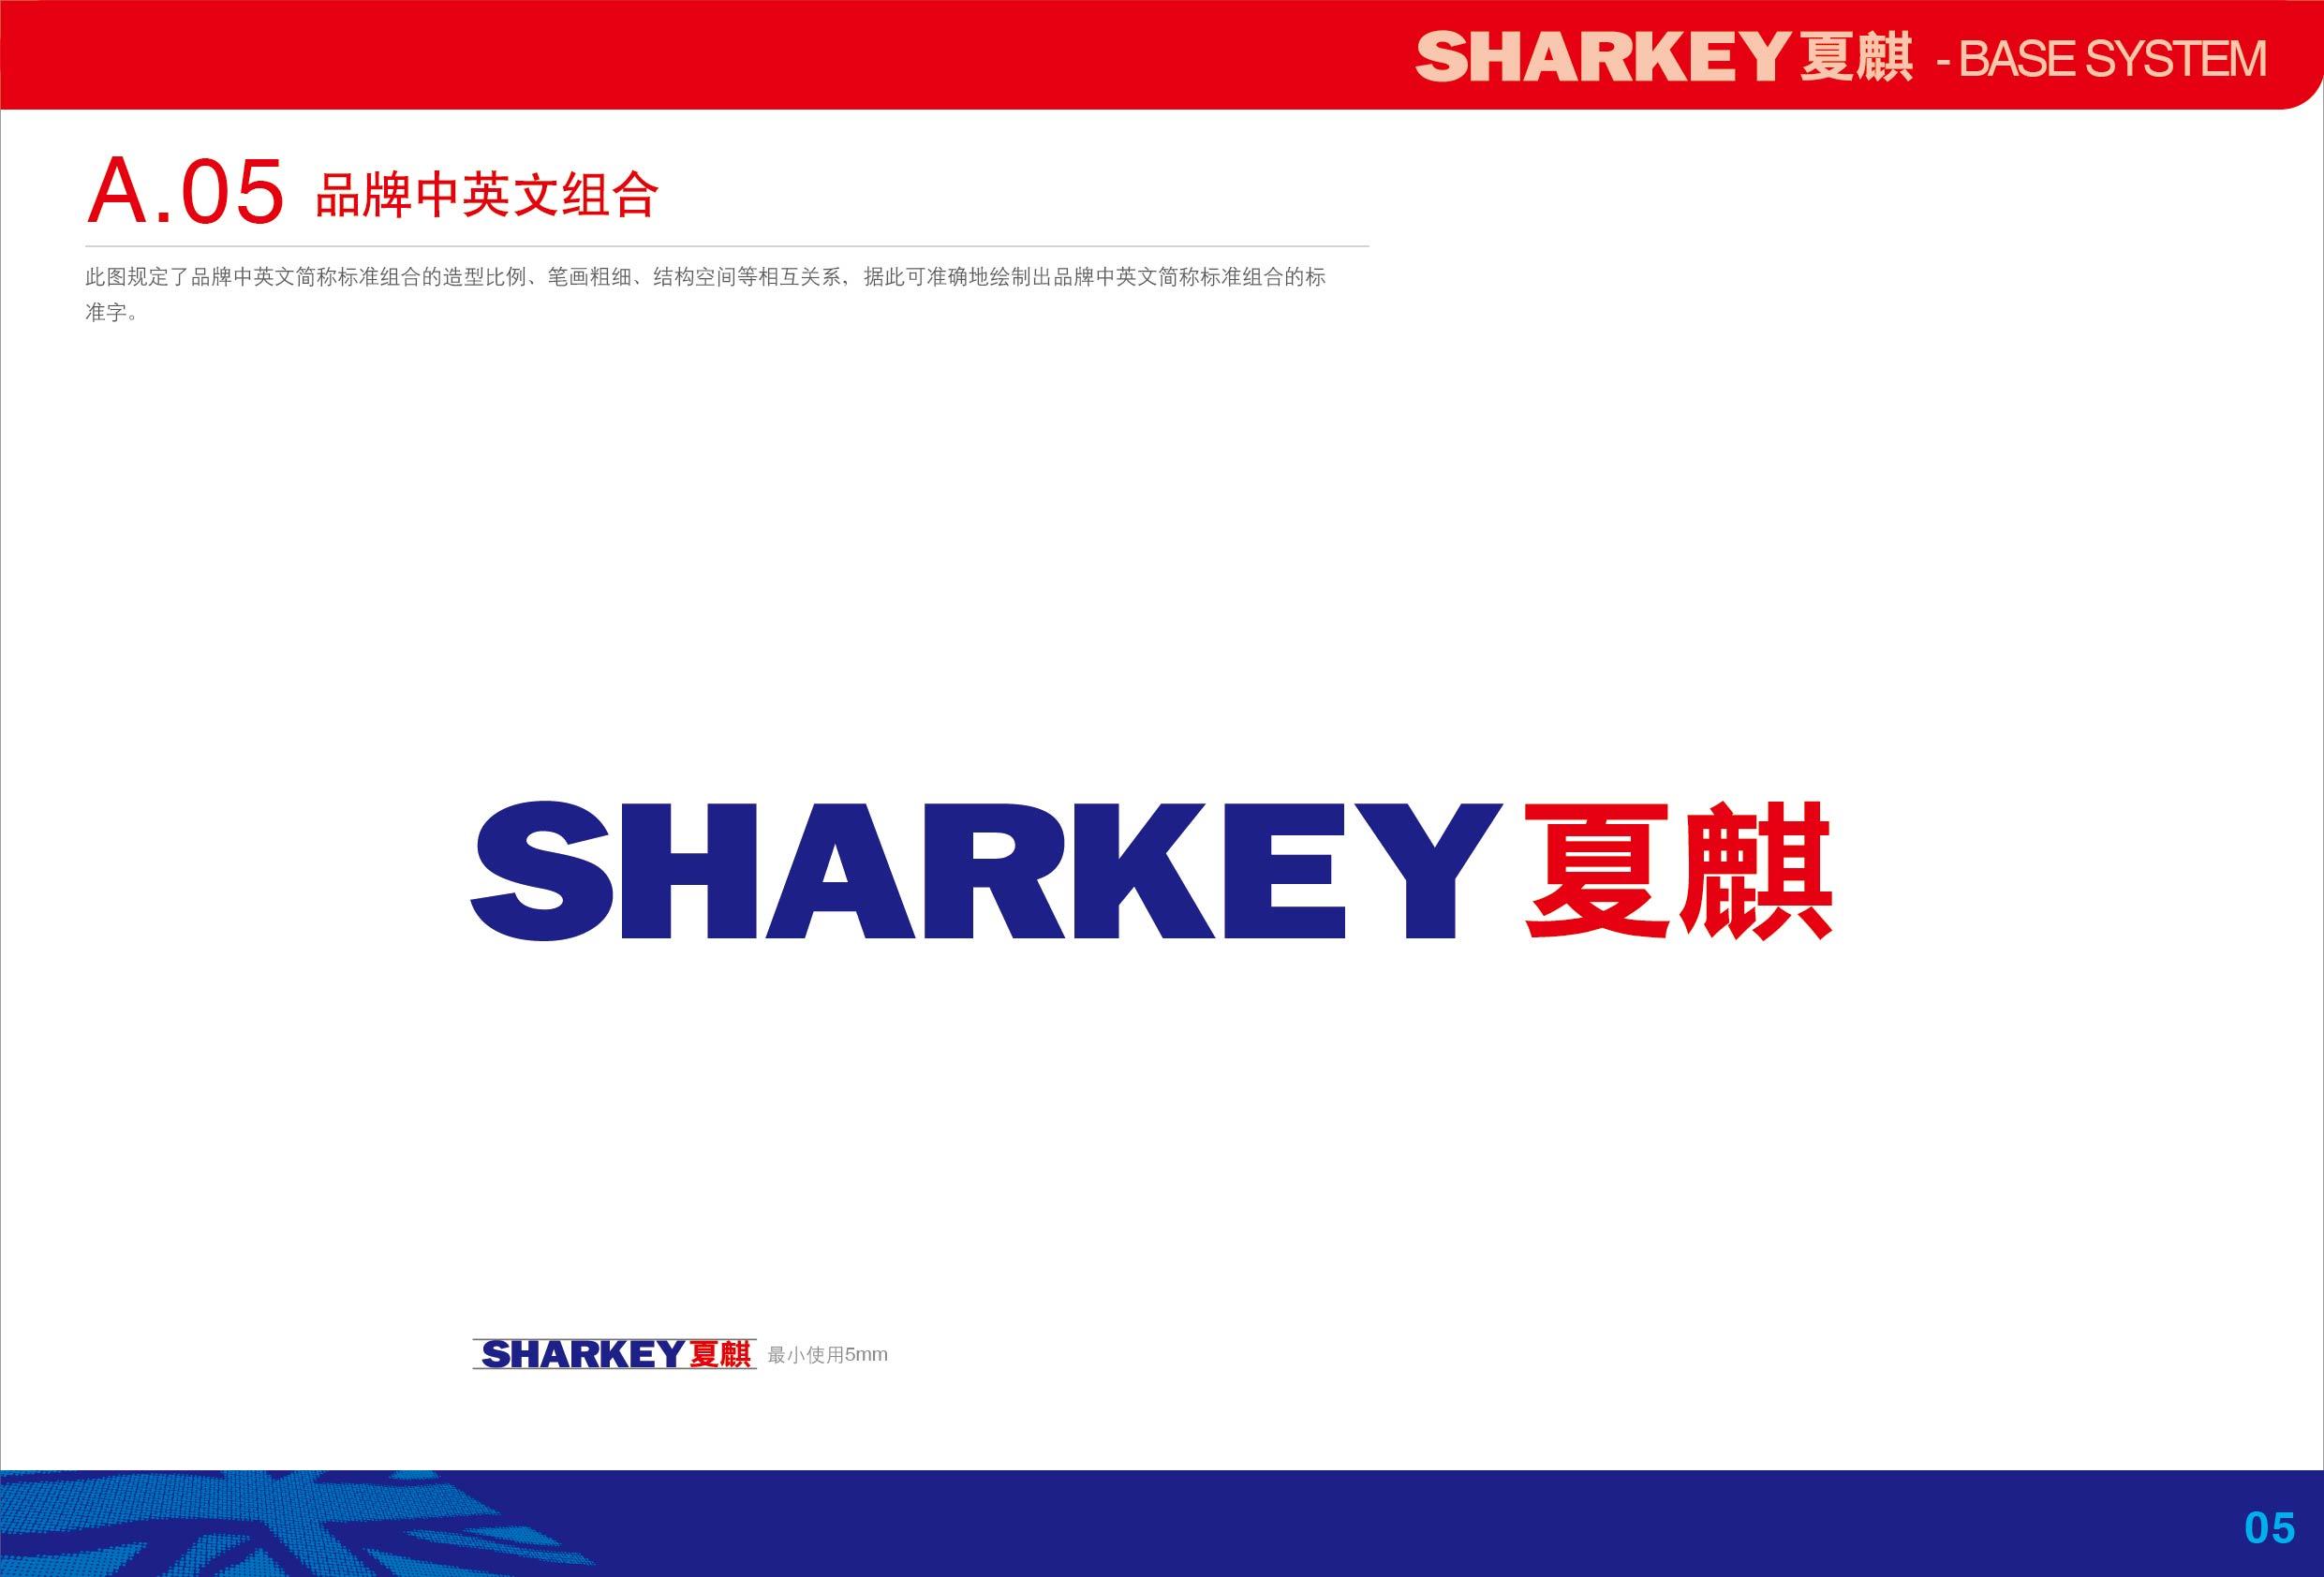 A夏麒logo-基础系统.aiA-06